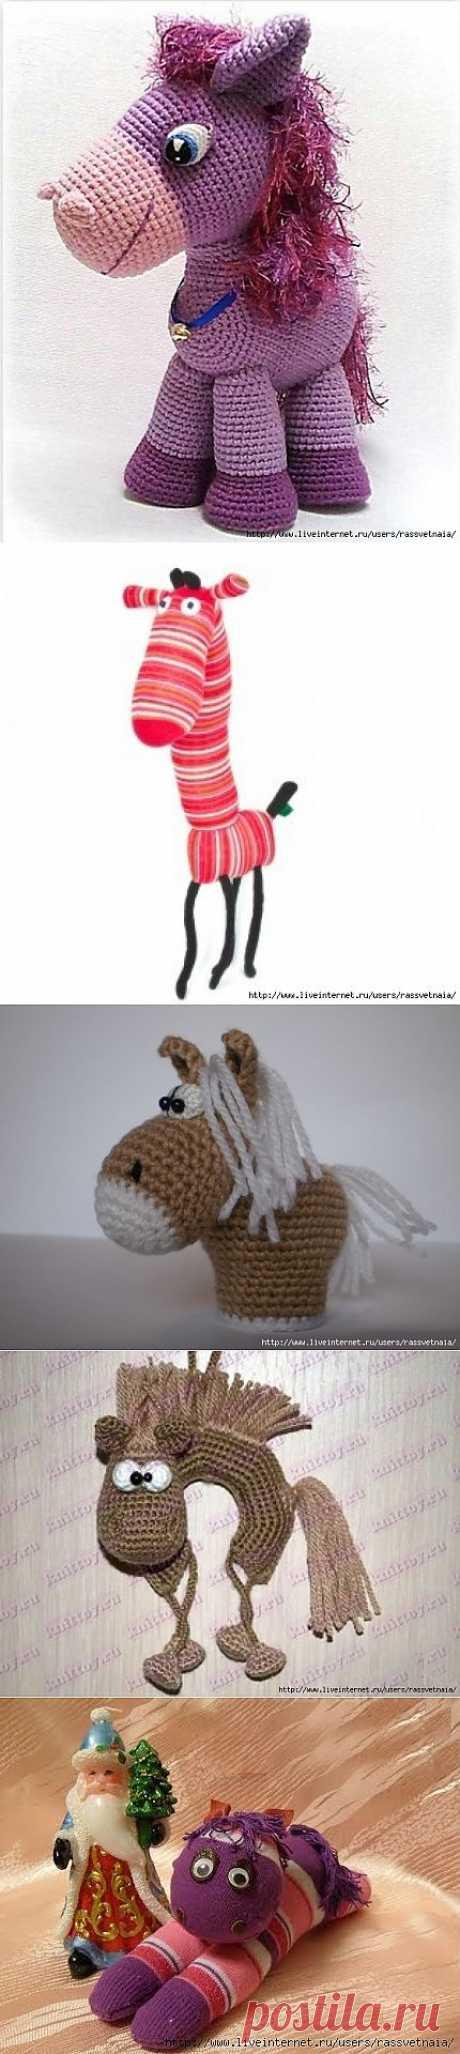 Лошадки к празднику - поделки своими руками.